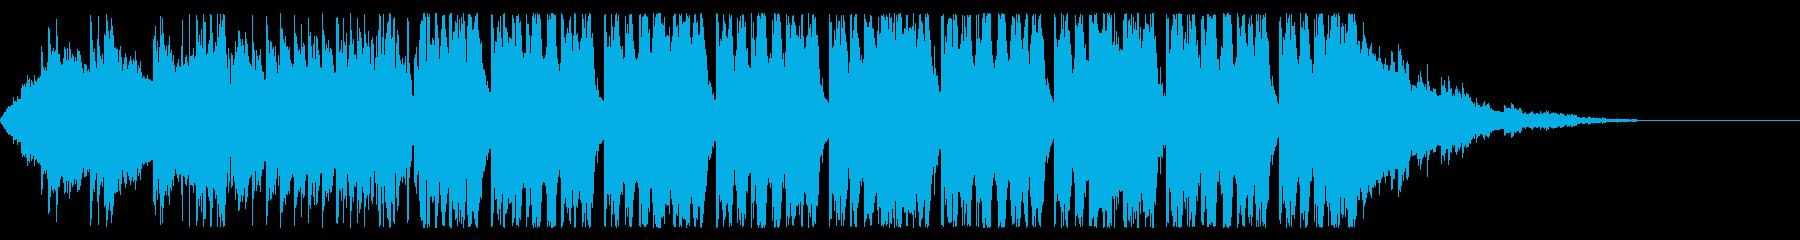 明るい系フューチャーベース(セリフあり)の再生済みの波形